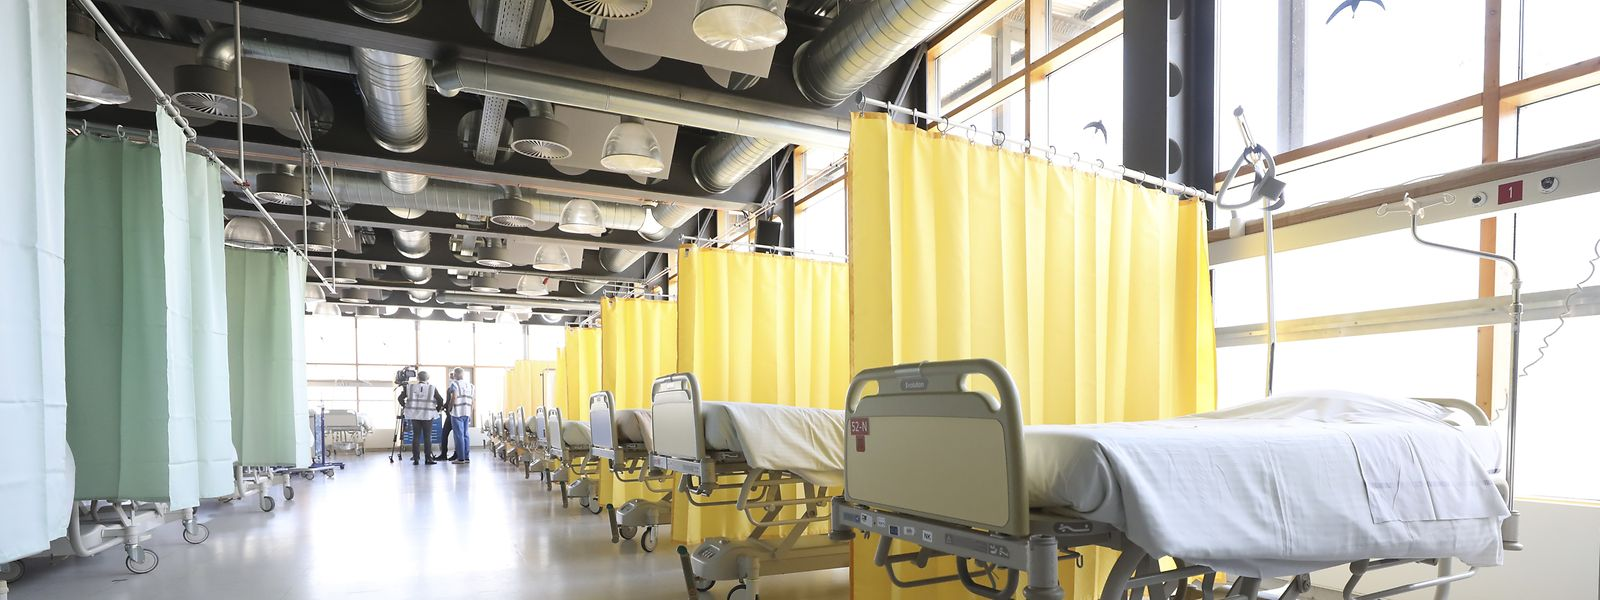 600 m2, des conduits d'oxygène au plafond, des lits à gauche et à droite d'un couloir,... la cantine du CHEM est devenue une unité de soins pour accueillir des patients atteints du covid-19.